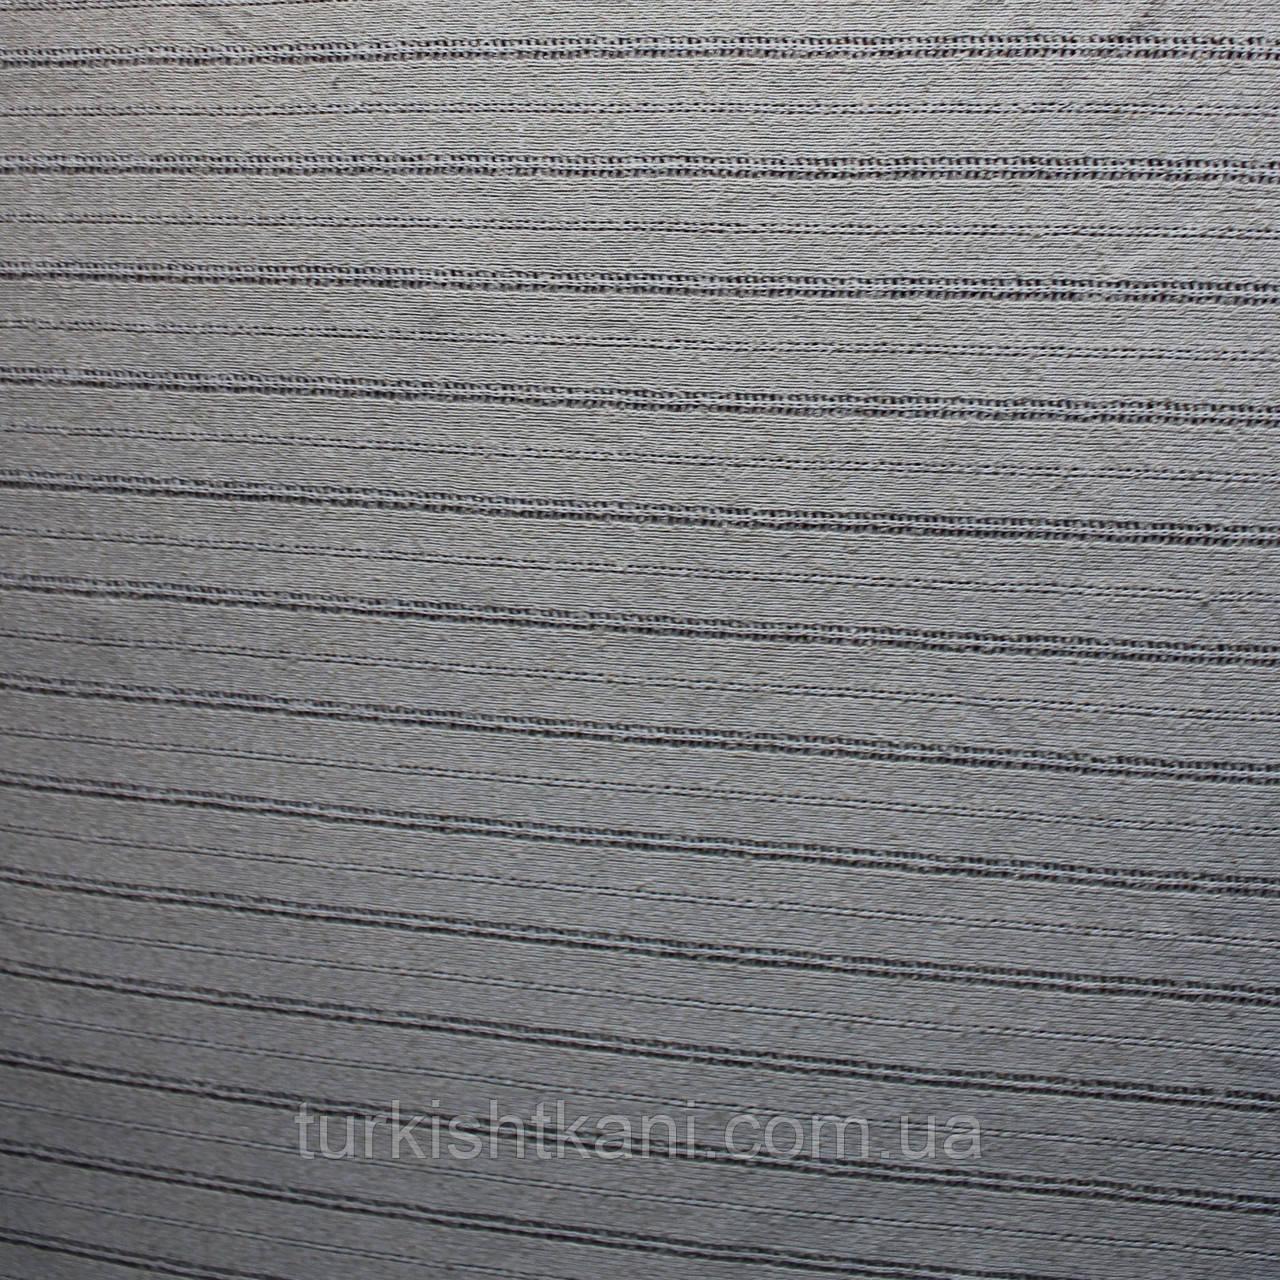 Трикотаж - вязка